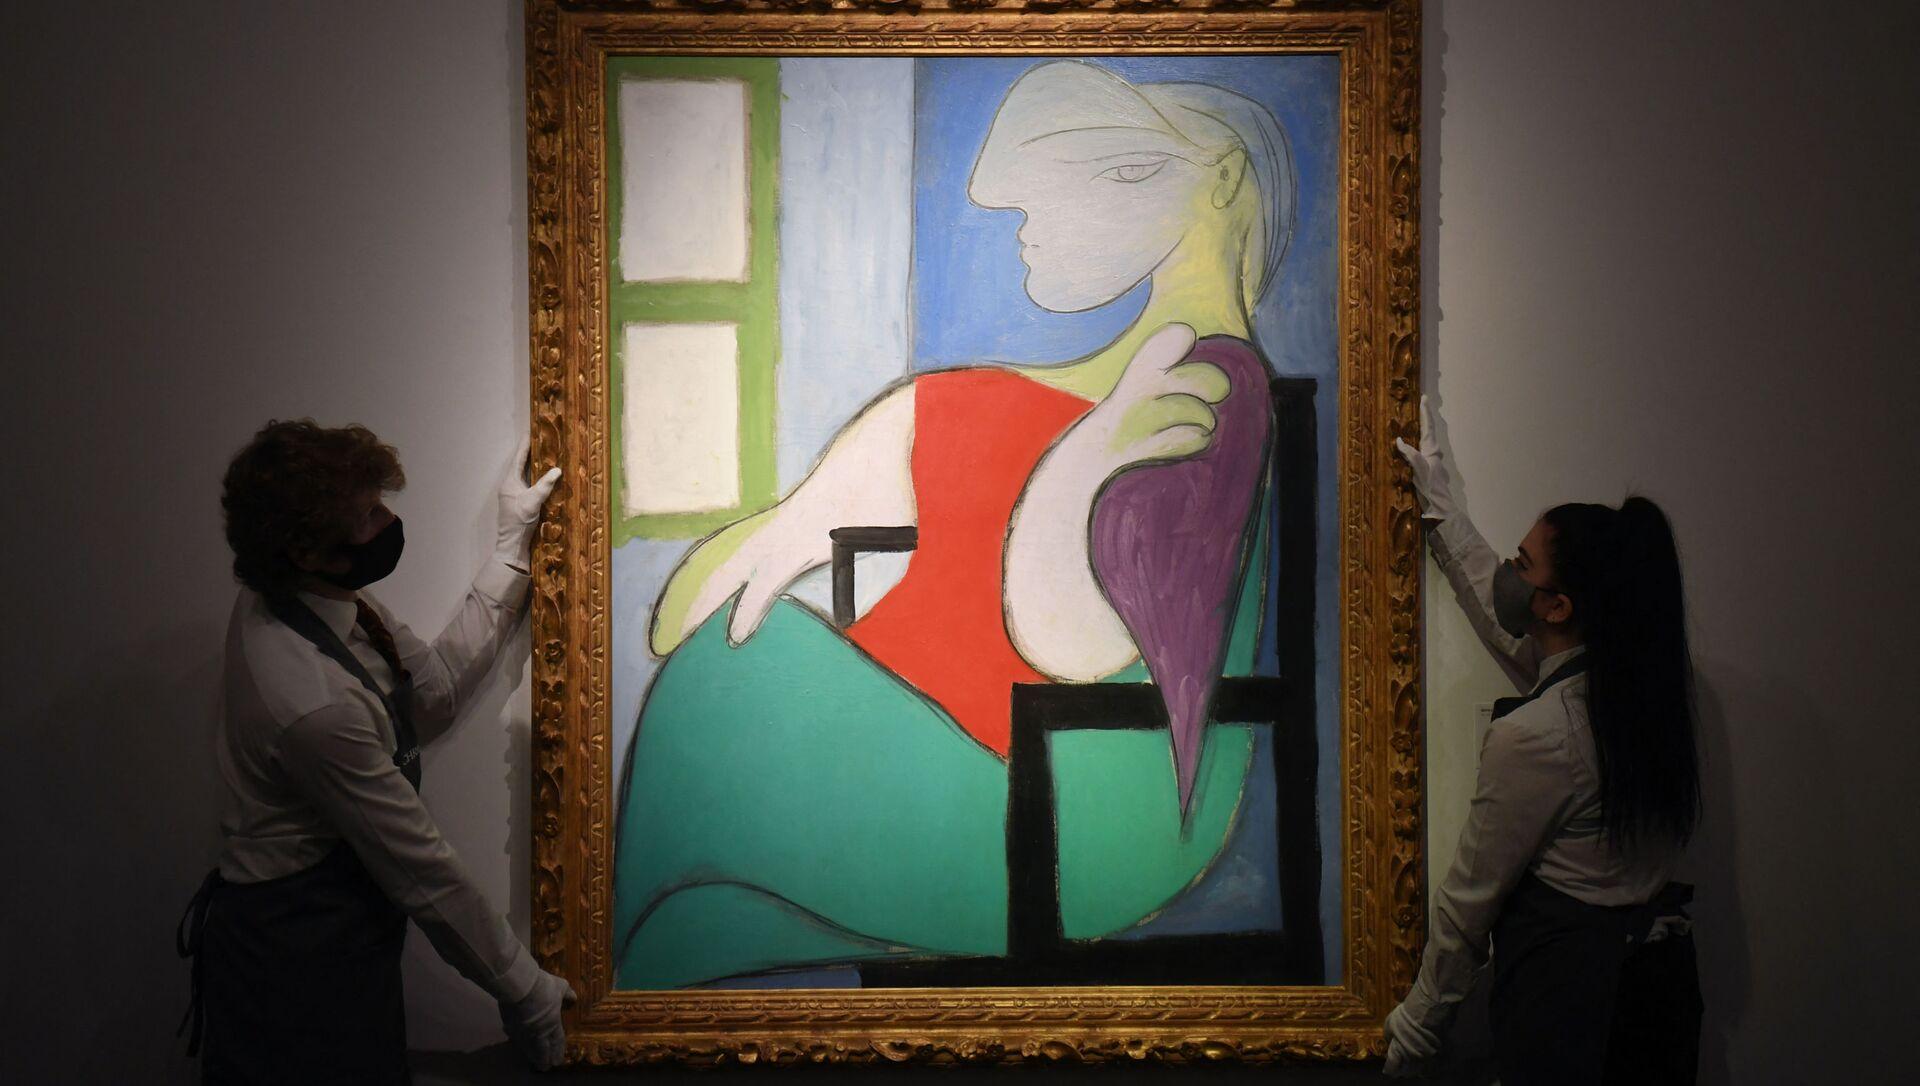 """Obraz Pabla Picassa """"Kobieta siedząca przy oknie (Marie-Therese)"""" został sprzedany przez ton aukcyjny Christie's w Nowym Jorku za 103,4 miliona dolarów - Sputnik Polska, 1920, 14.05.2021"""